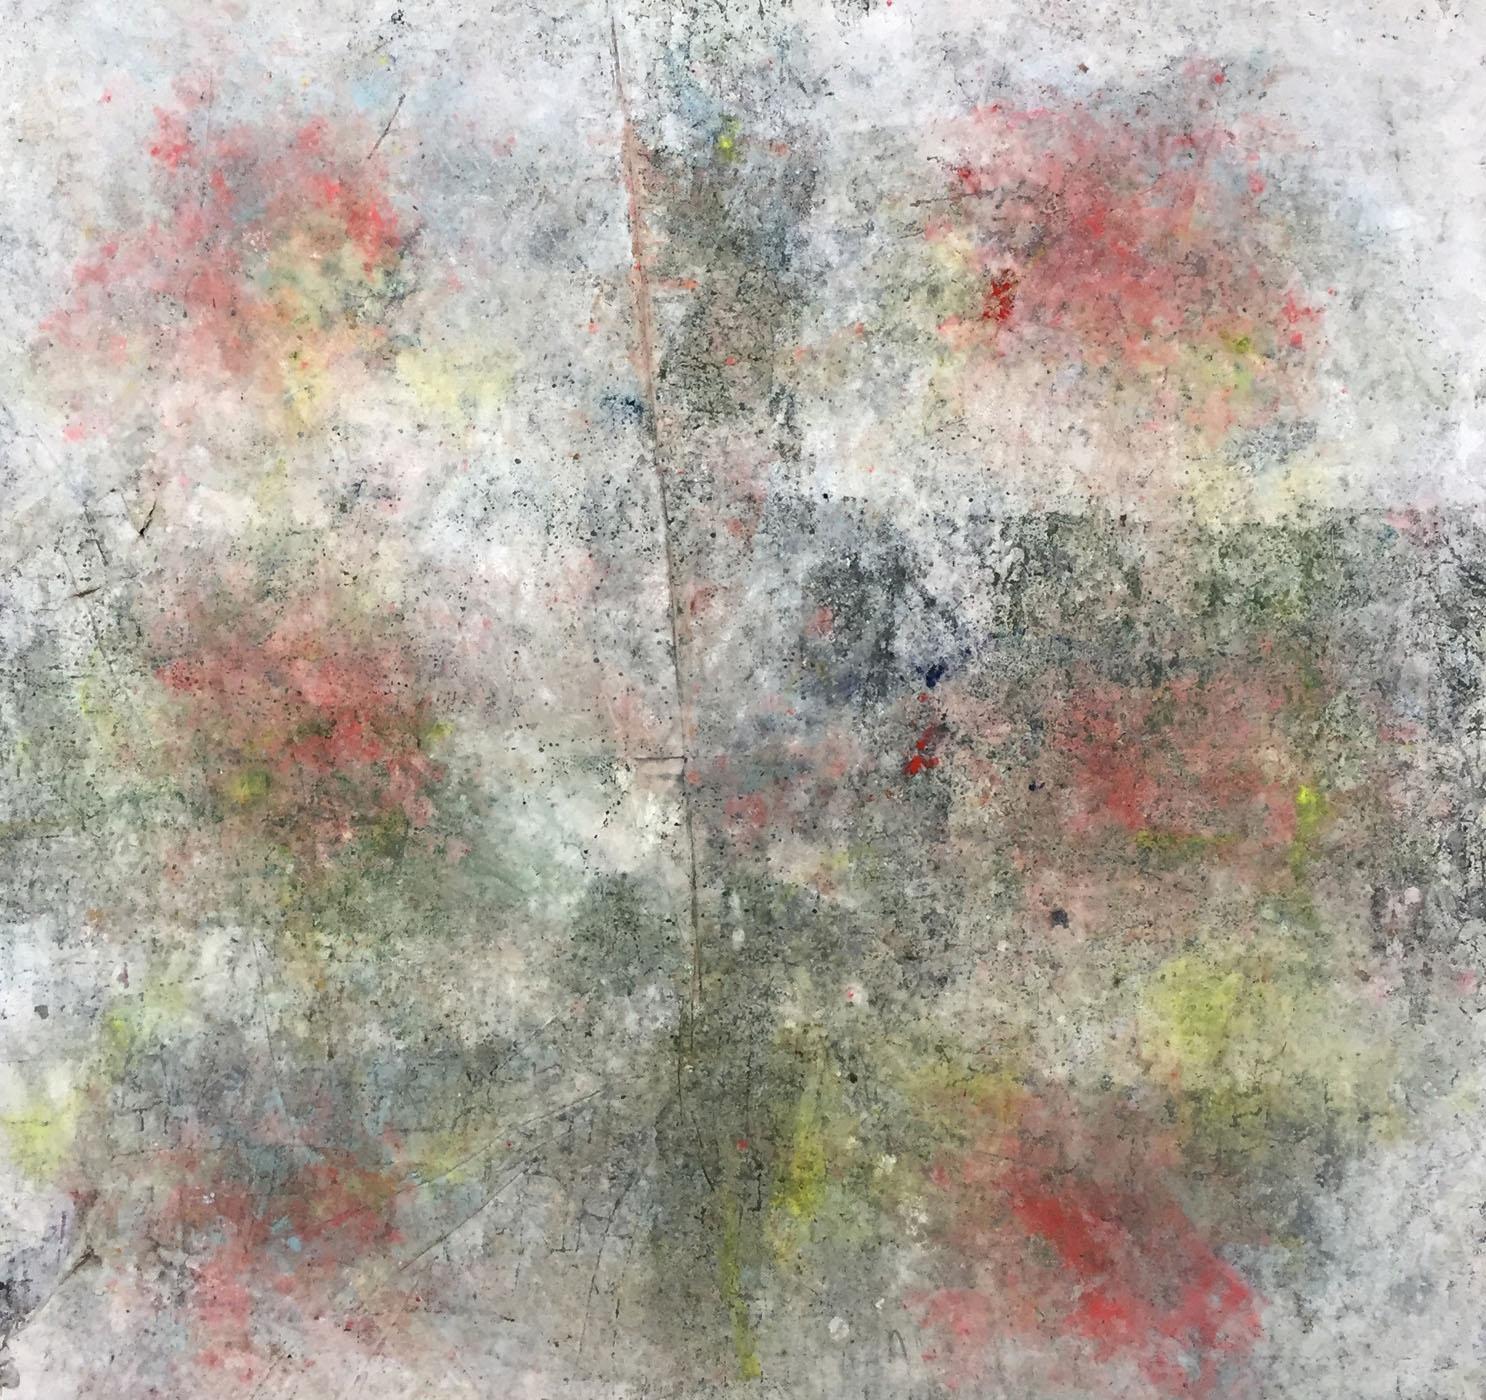 MARC FELD 2019 PRÉSAGE Huile, acrylique, gouache et pigment sur papier 150 x 160 cm